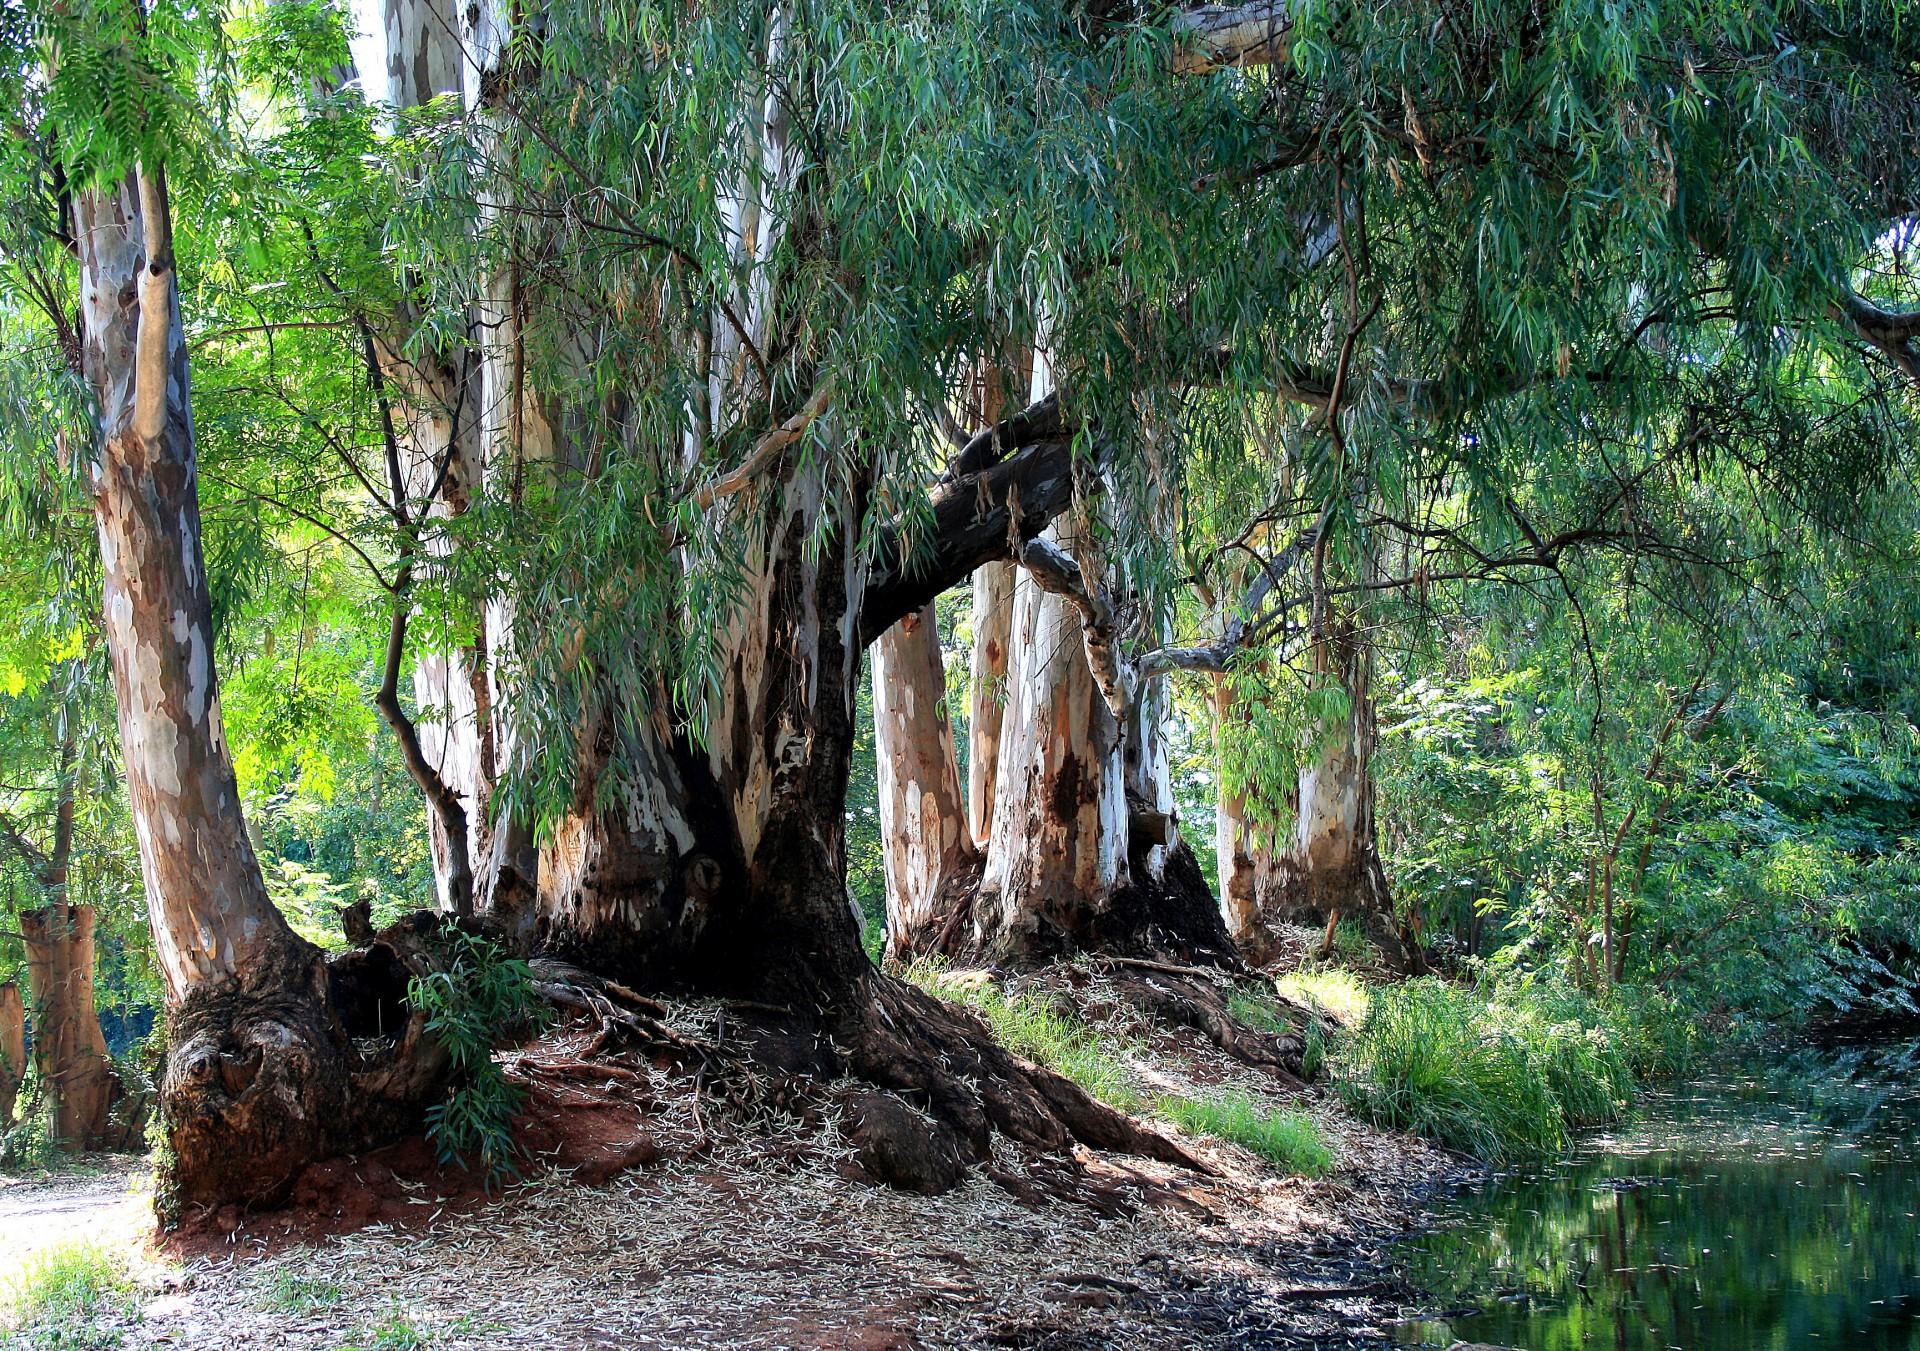 El eucalipto es un árbol de rápido crecimiento